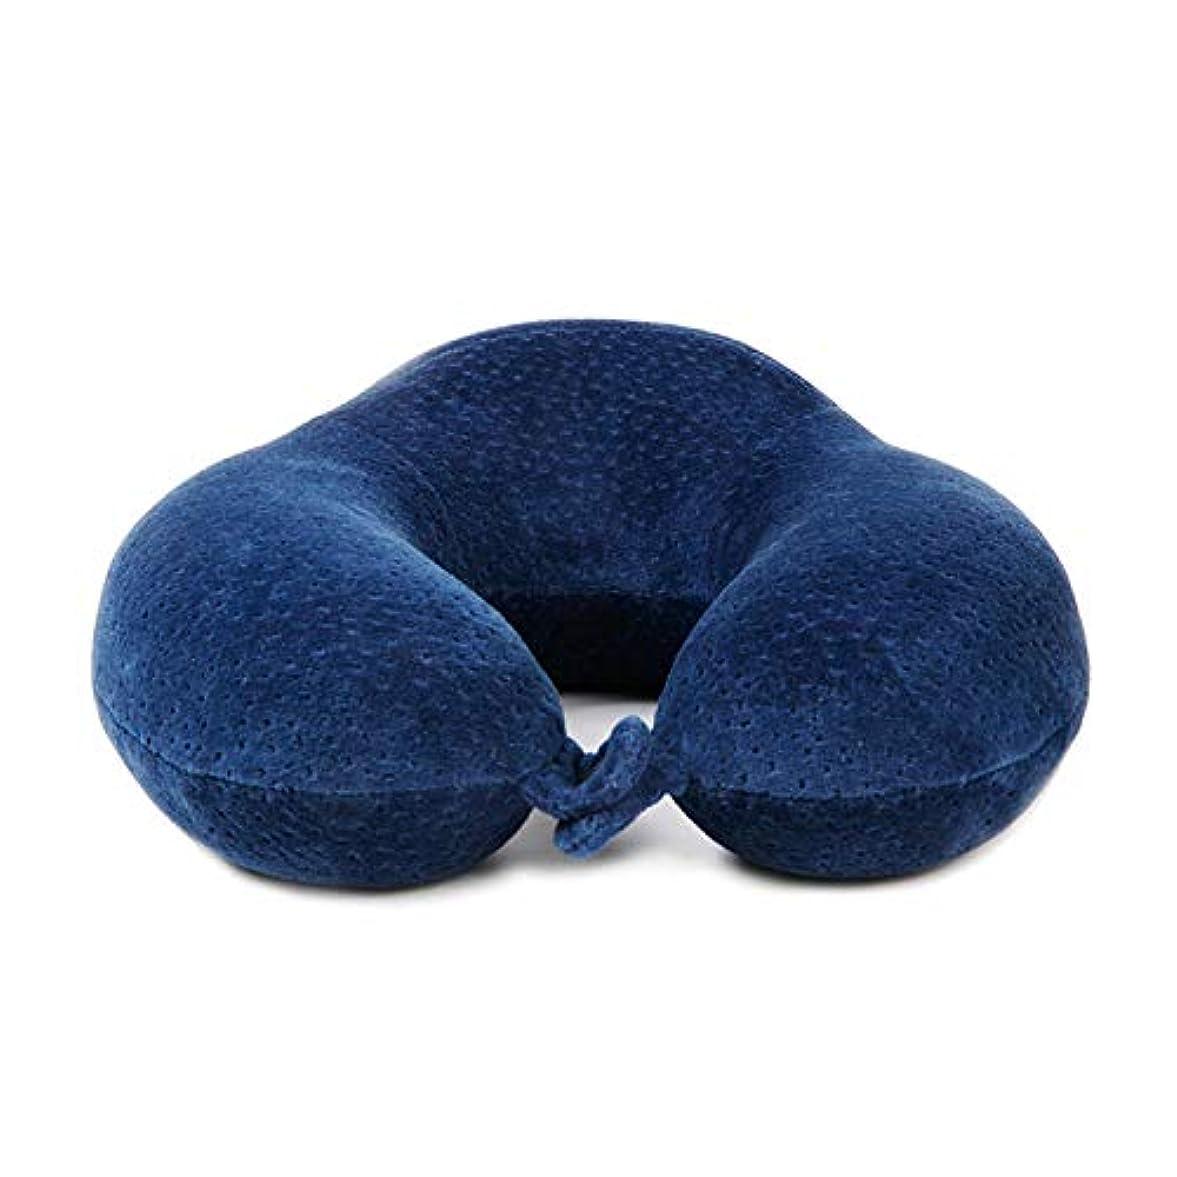 ラリーベルモント航空機書き出すSMART 新しいぬいぐるみピンクフラミンゴクッションガチョウの羽風船幾何北欧家の装飾ソファスロー枕用女の子ルーム装飾 クッション 椅子